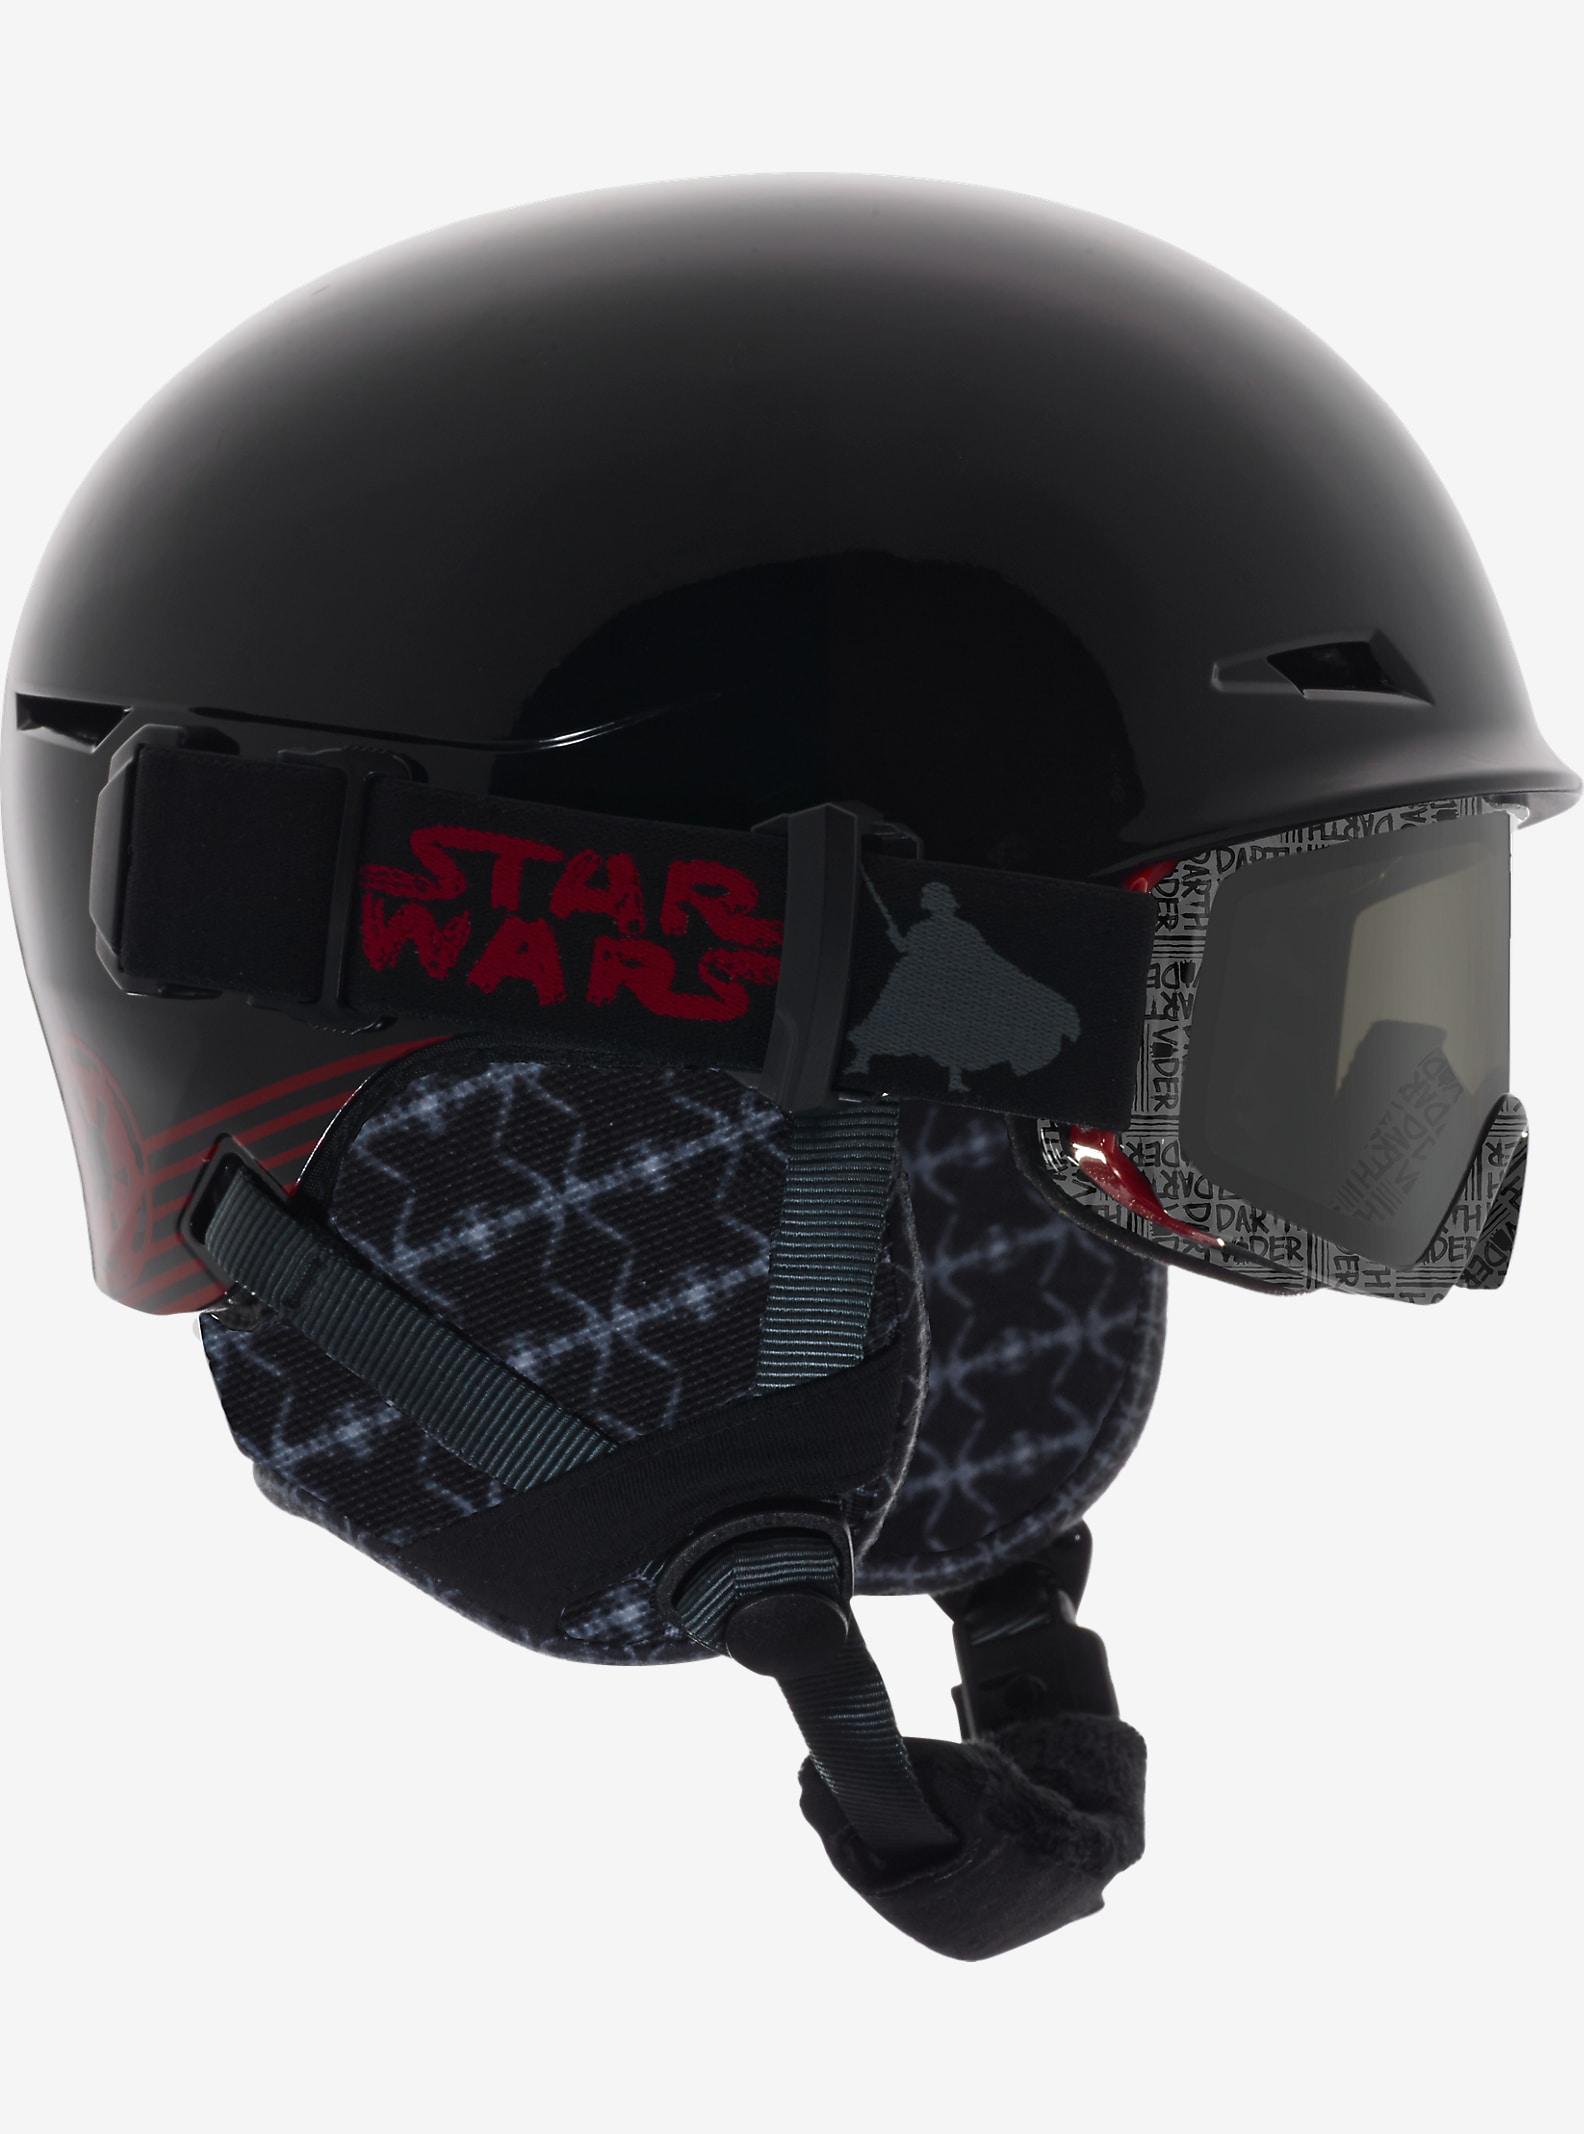 Star Wars anon. Define Helmet shown in Darth Vader